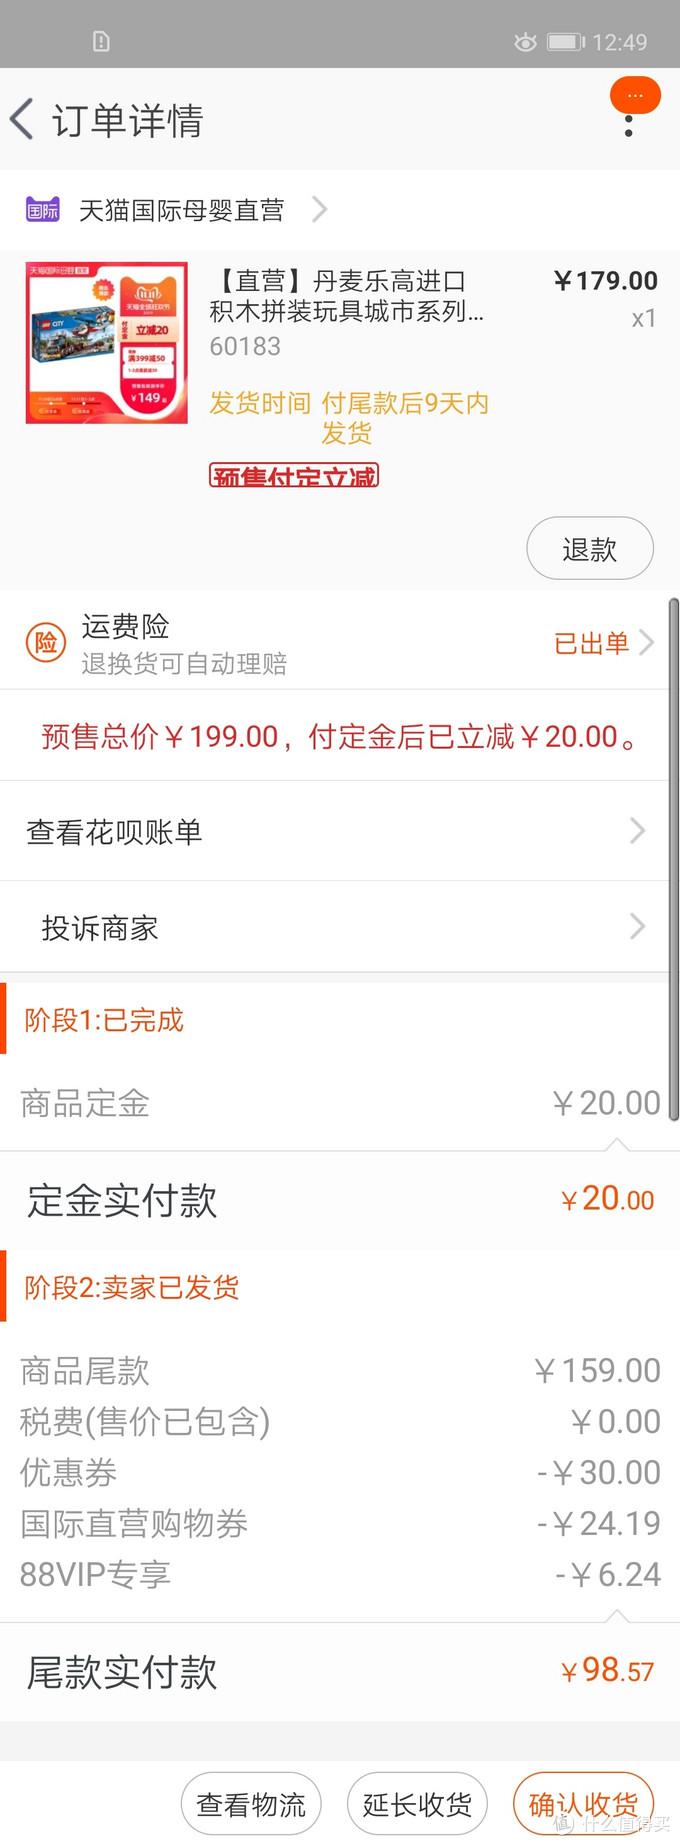 晒晒11月份自认为买的超值的物品账单……感谢什么值得买帮我家省钱!